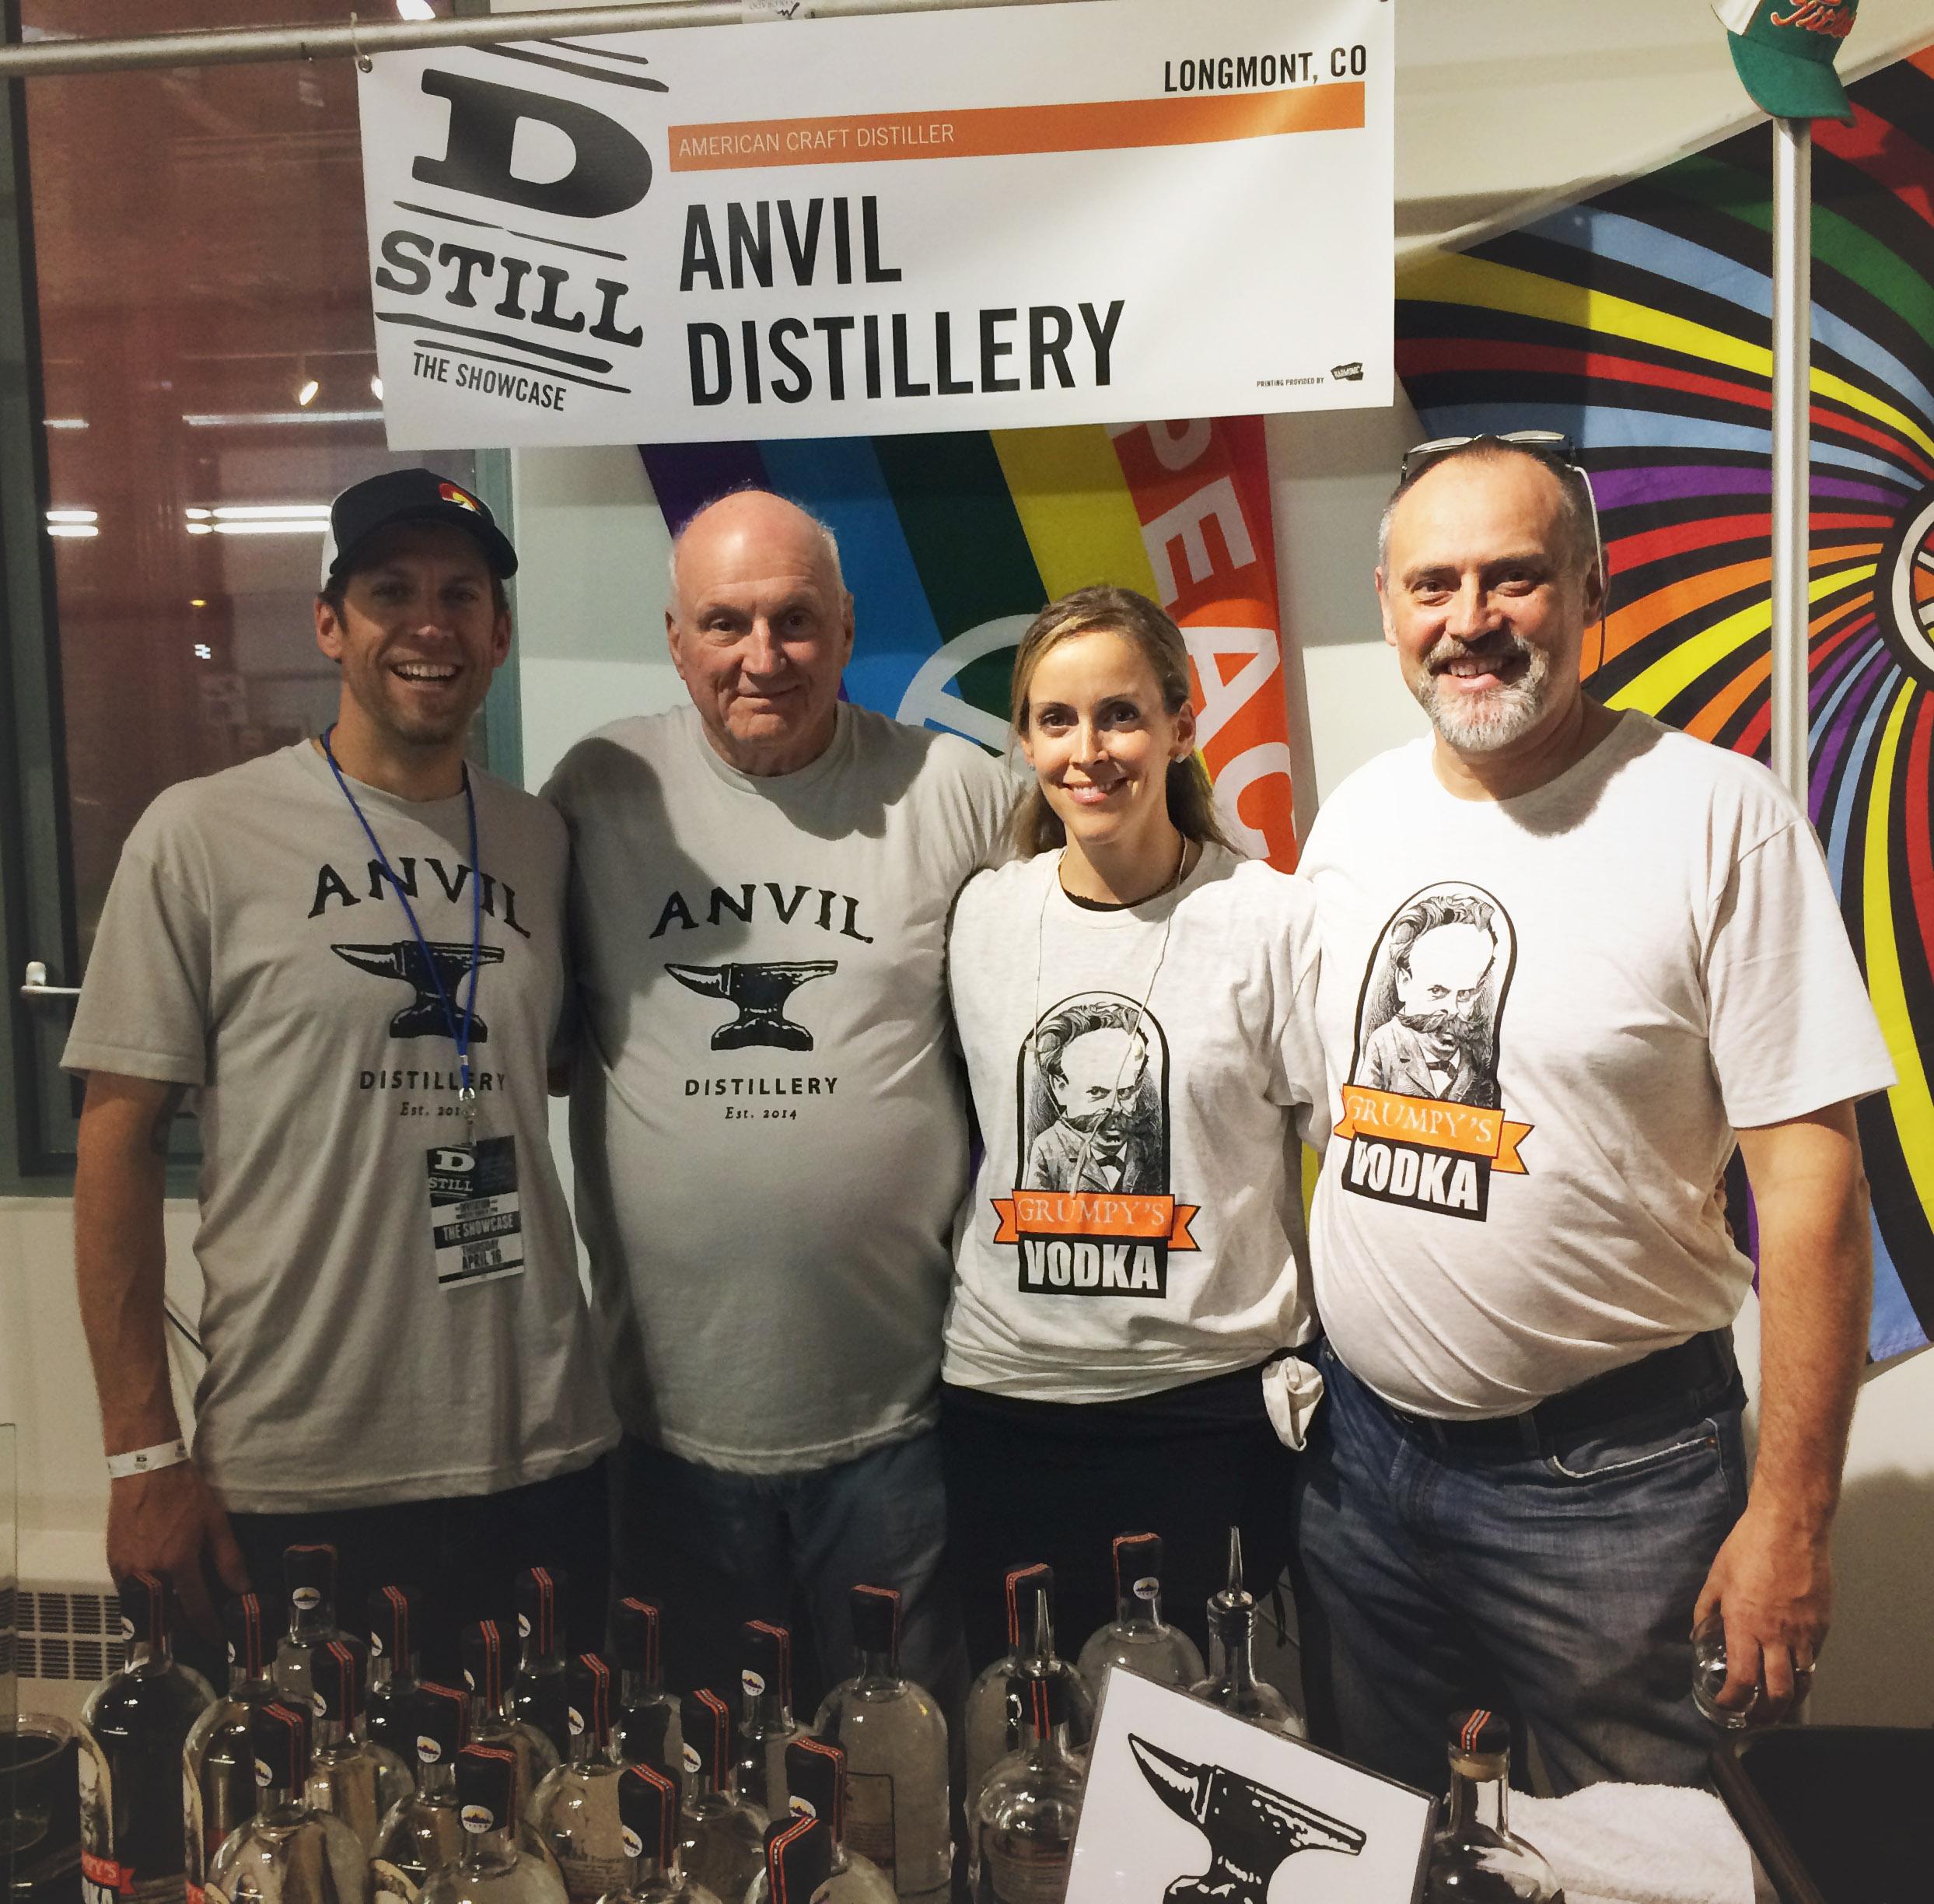 The Anvil crew at Dstill